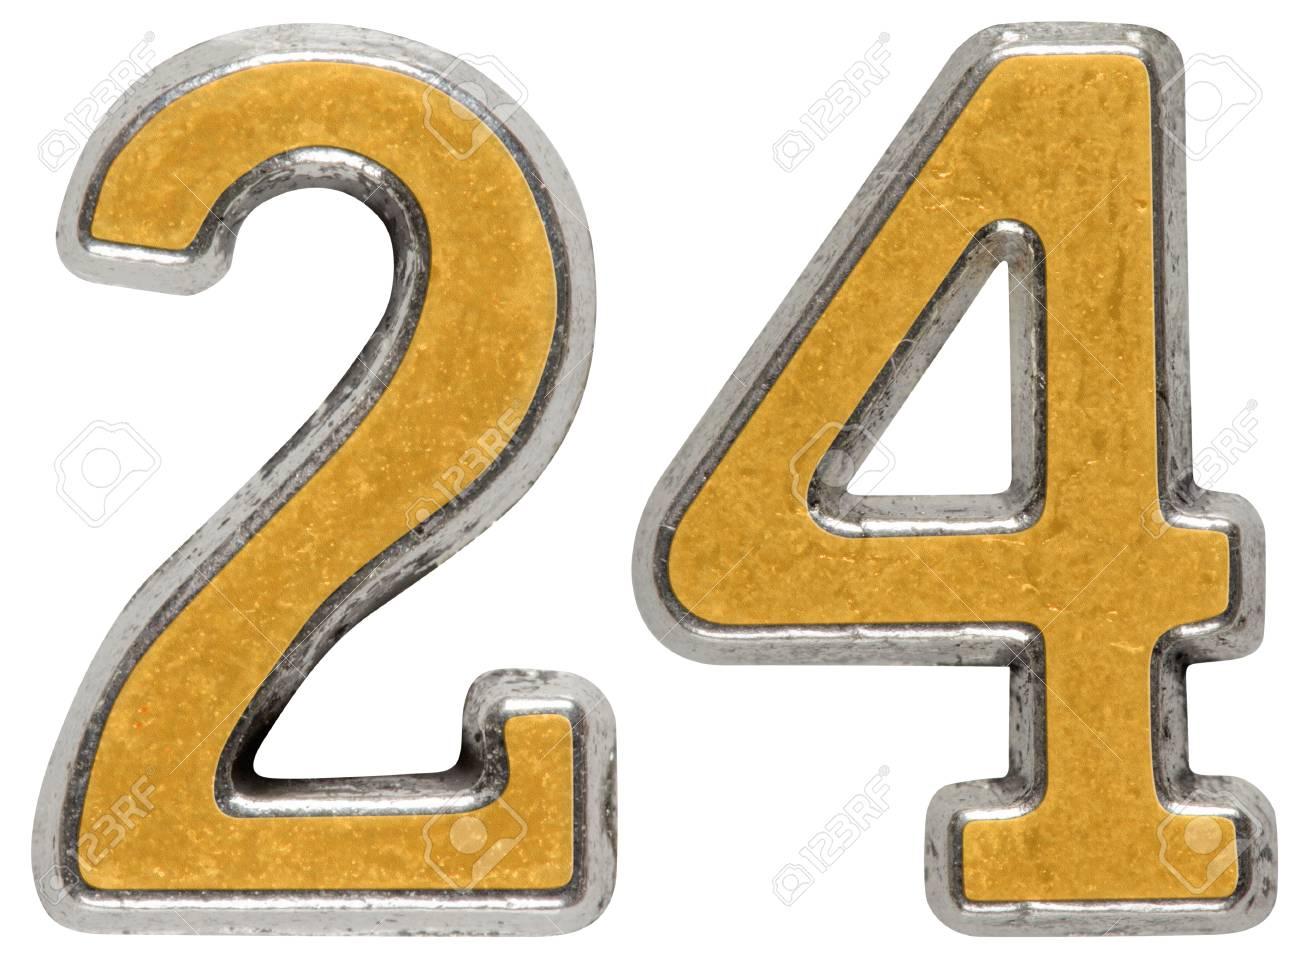 数字 24 24 白い背景で隔離の金属します の写真素材 画像素材 Image